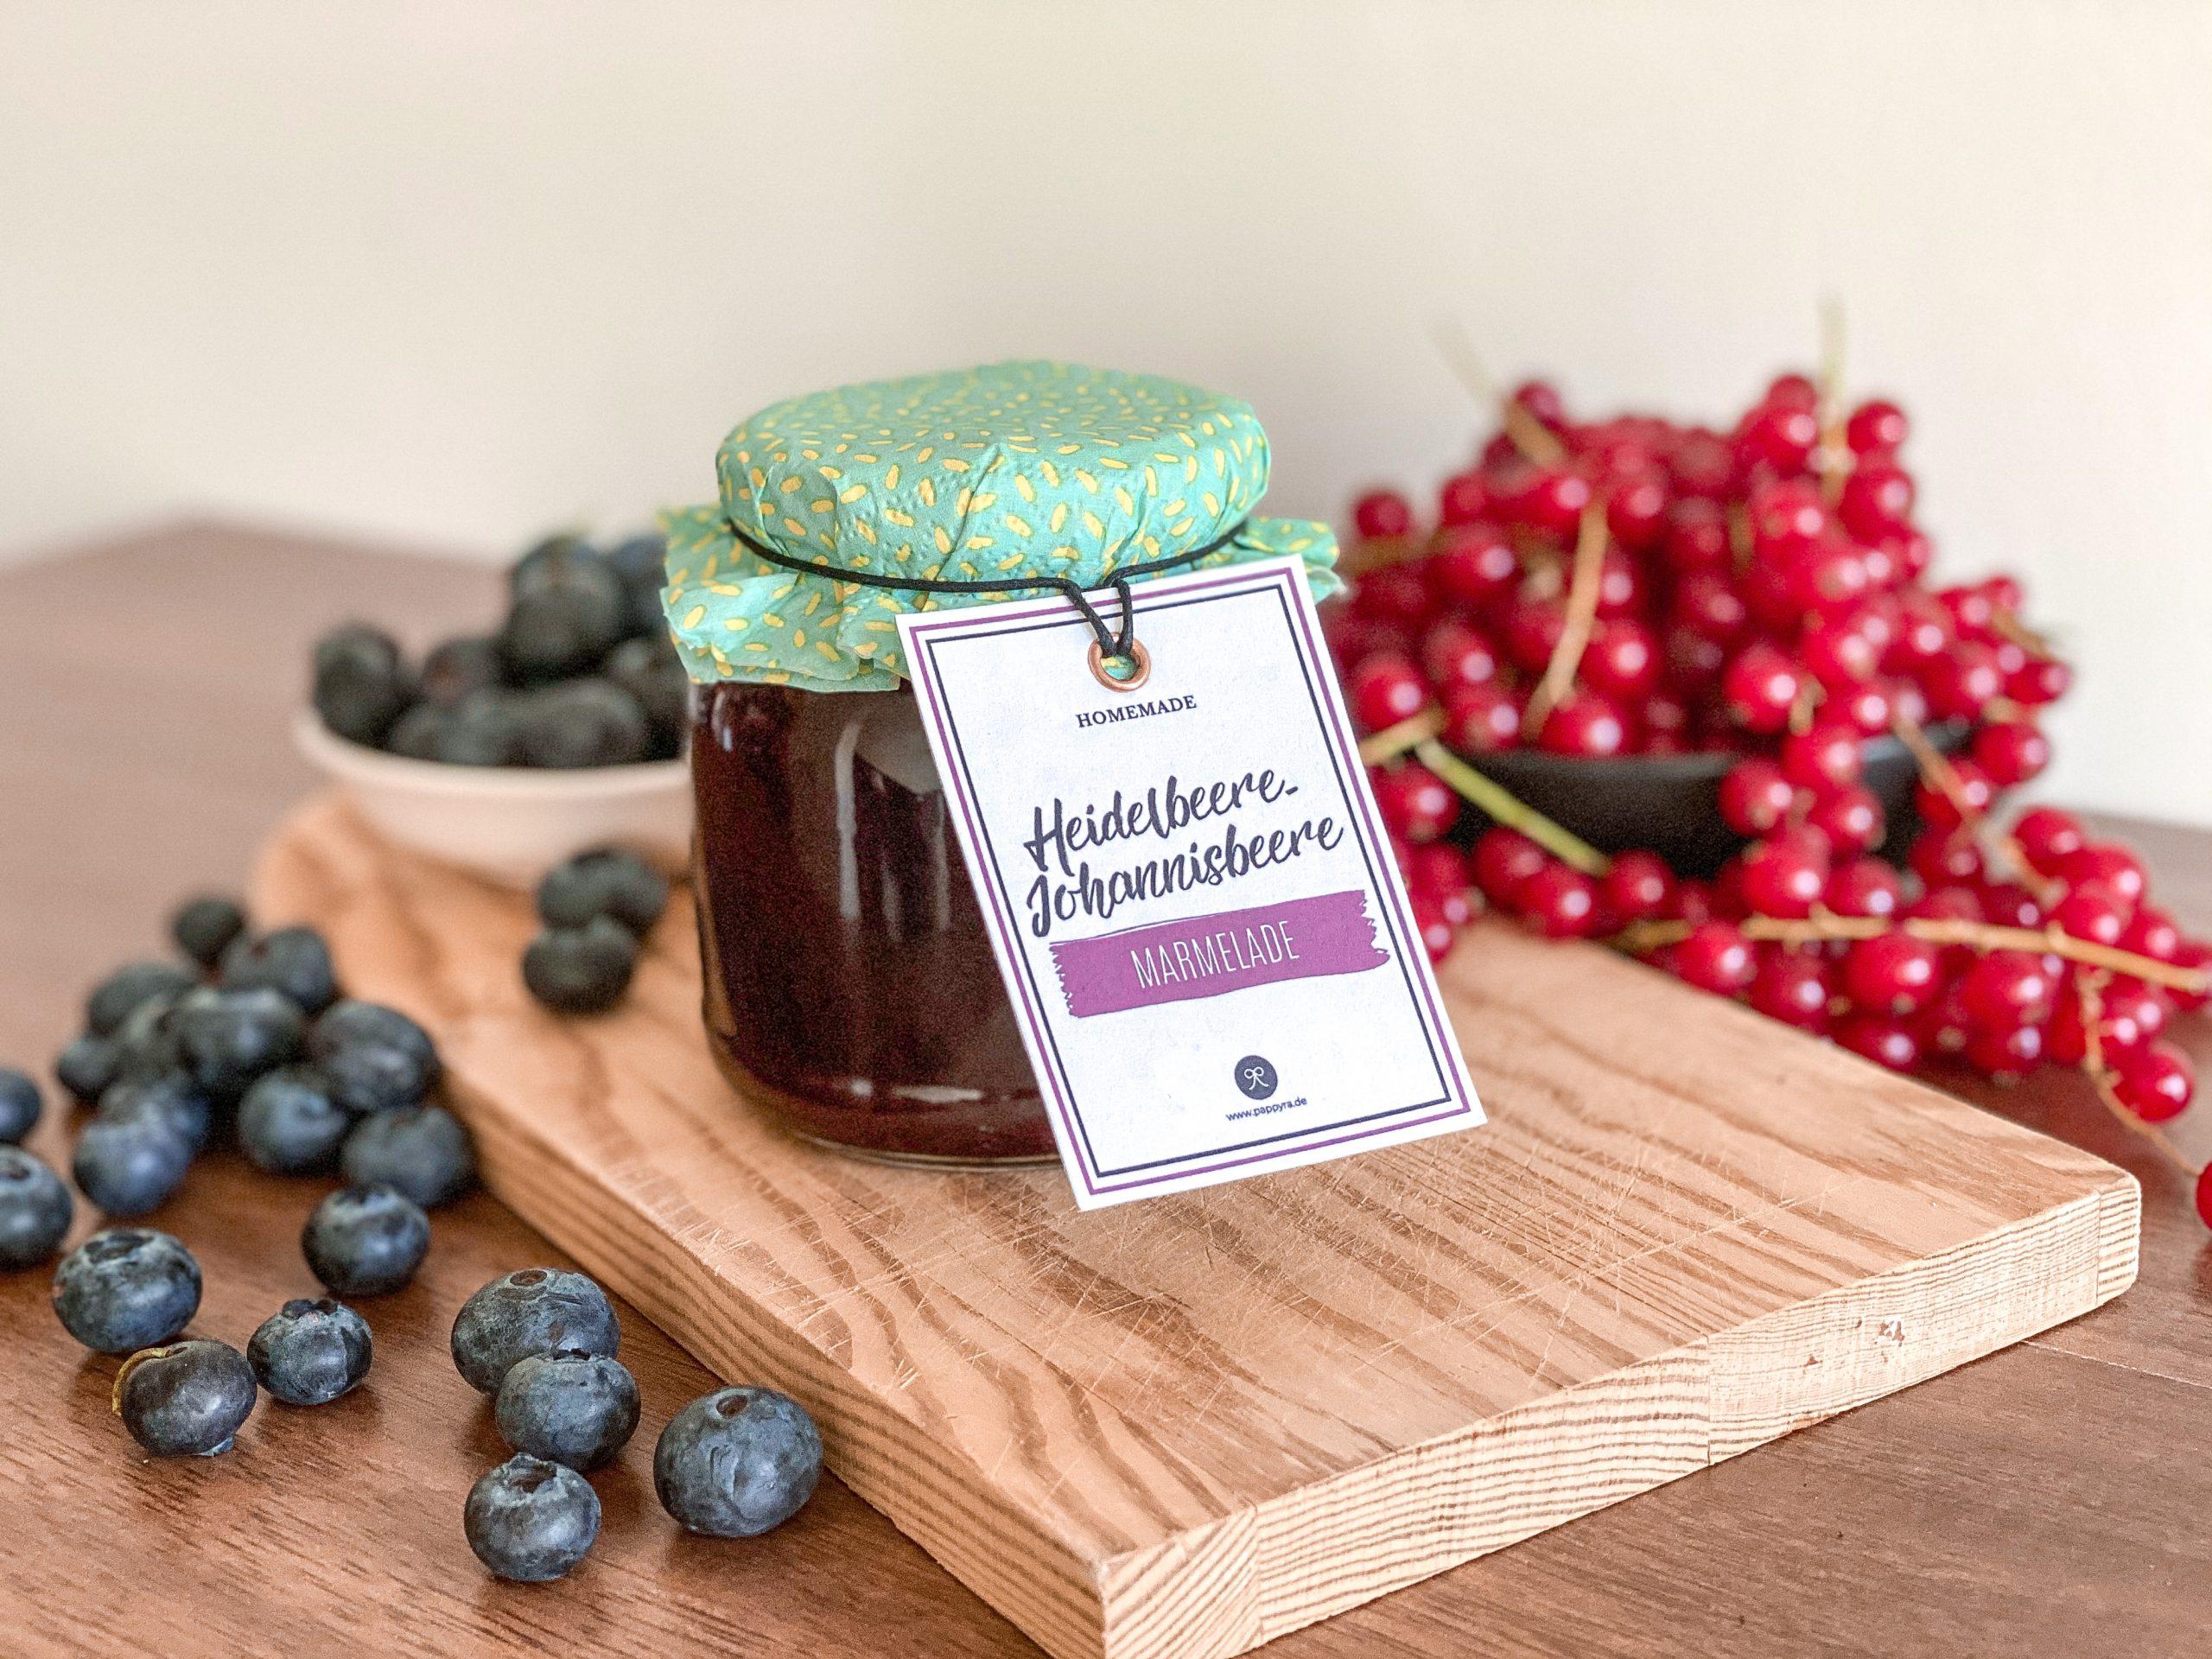 Selbstgemachte Heidelbeere-Johannisbeere-Marmelade mit schönem Etikett,